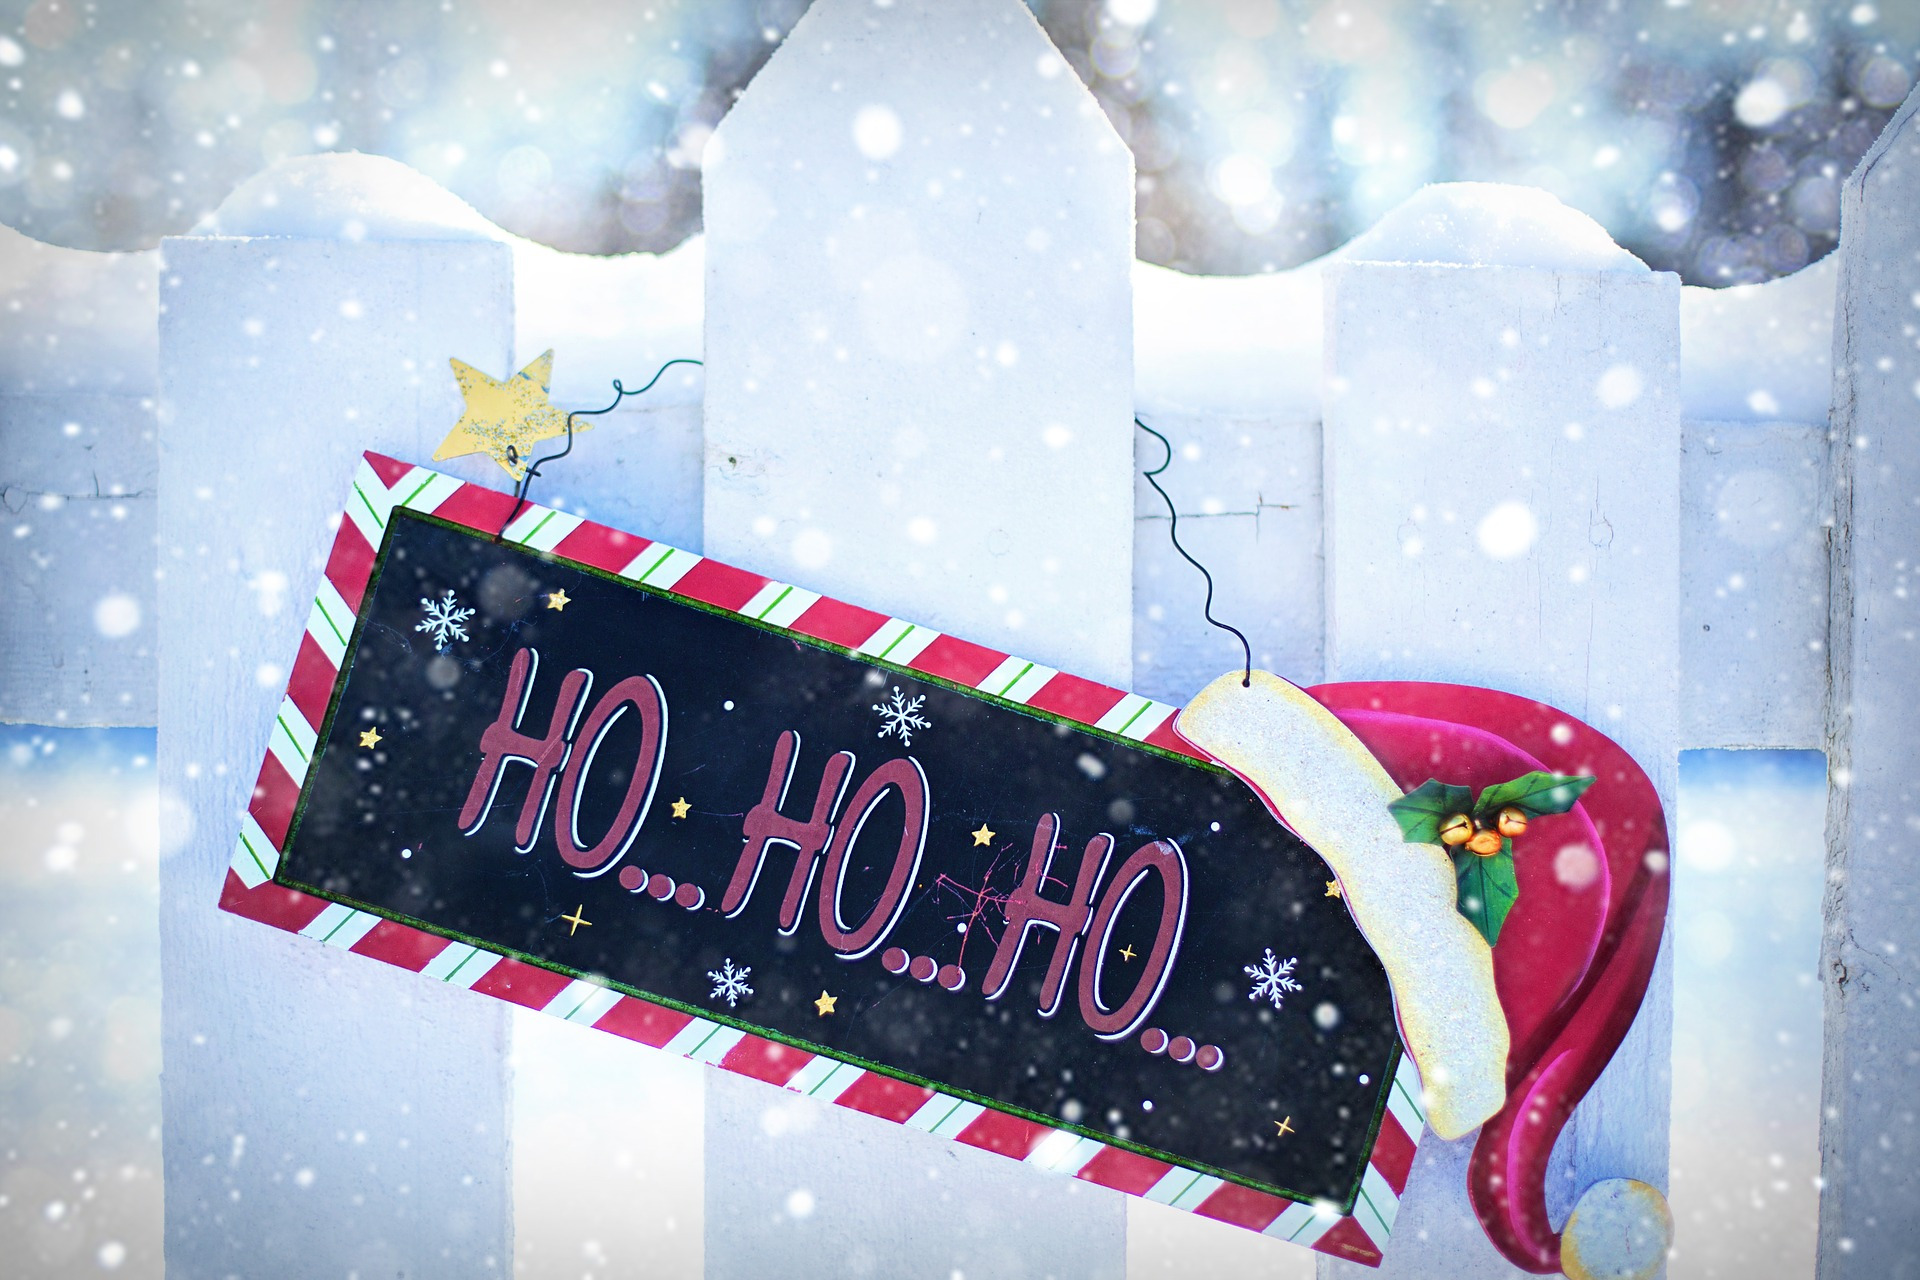 Weihnachtskarten Bilder Einfügen Kostenlos.Kostenlose Weihnachtsgrußkarten Zum Herunterladen